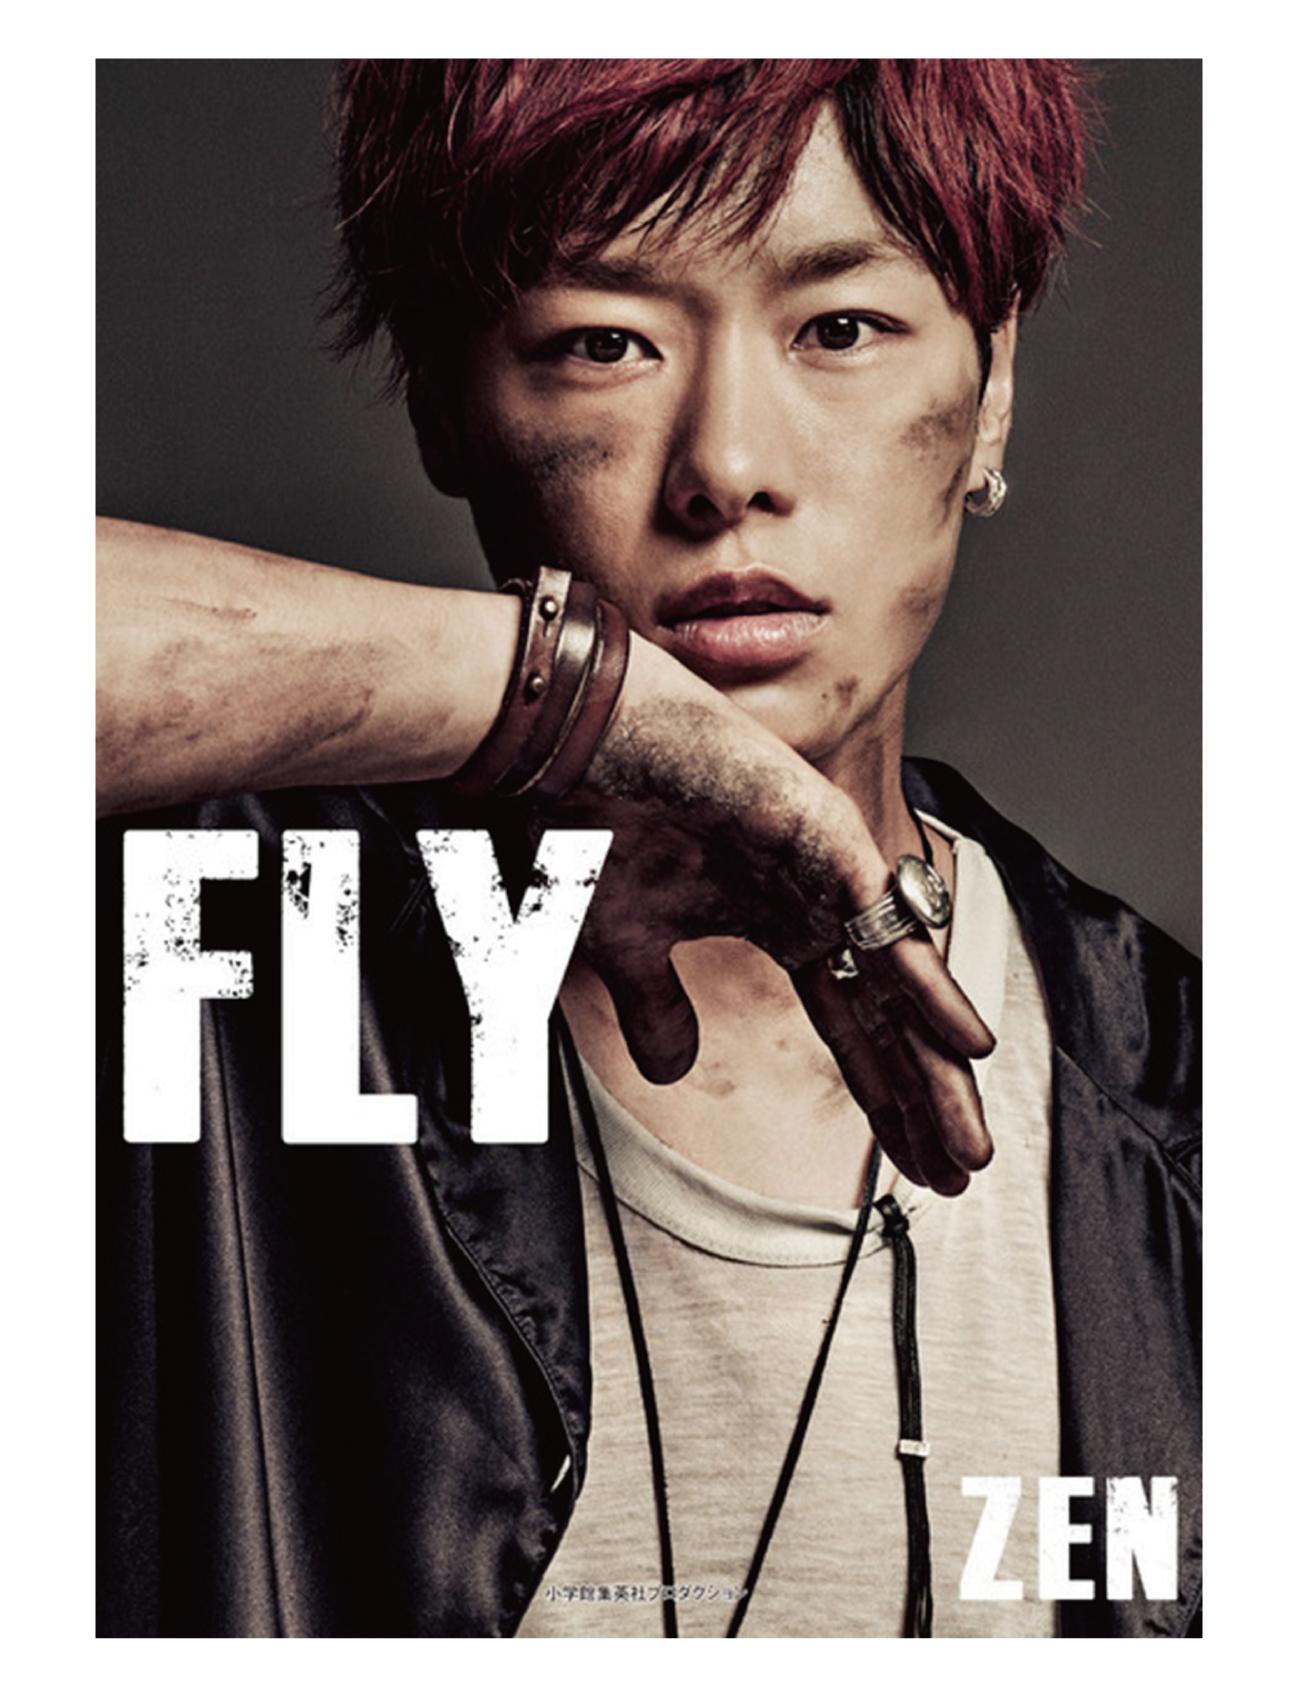 FLY_parkour_zen.jpg